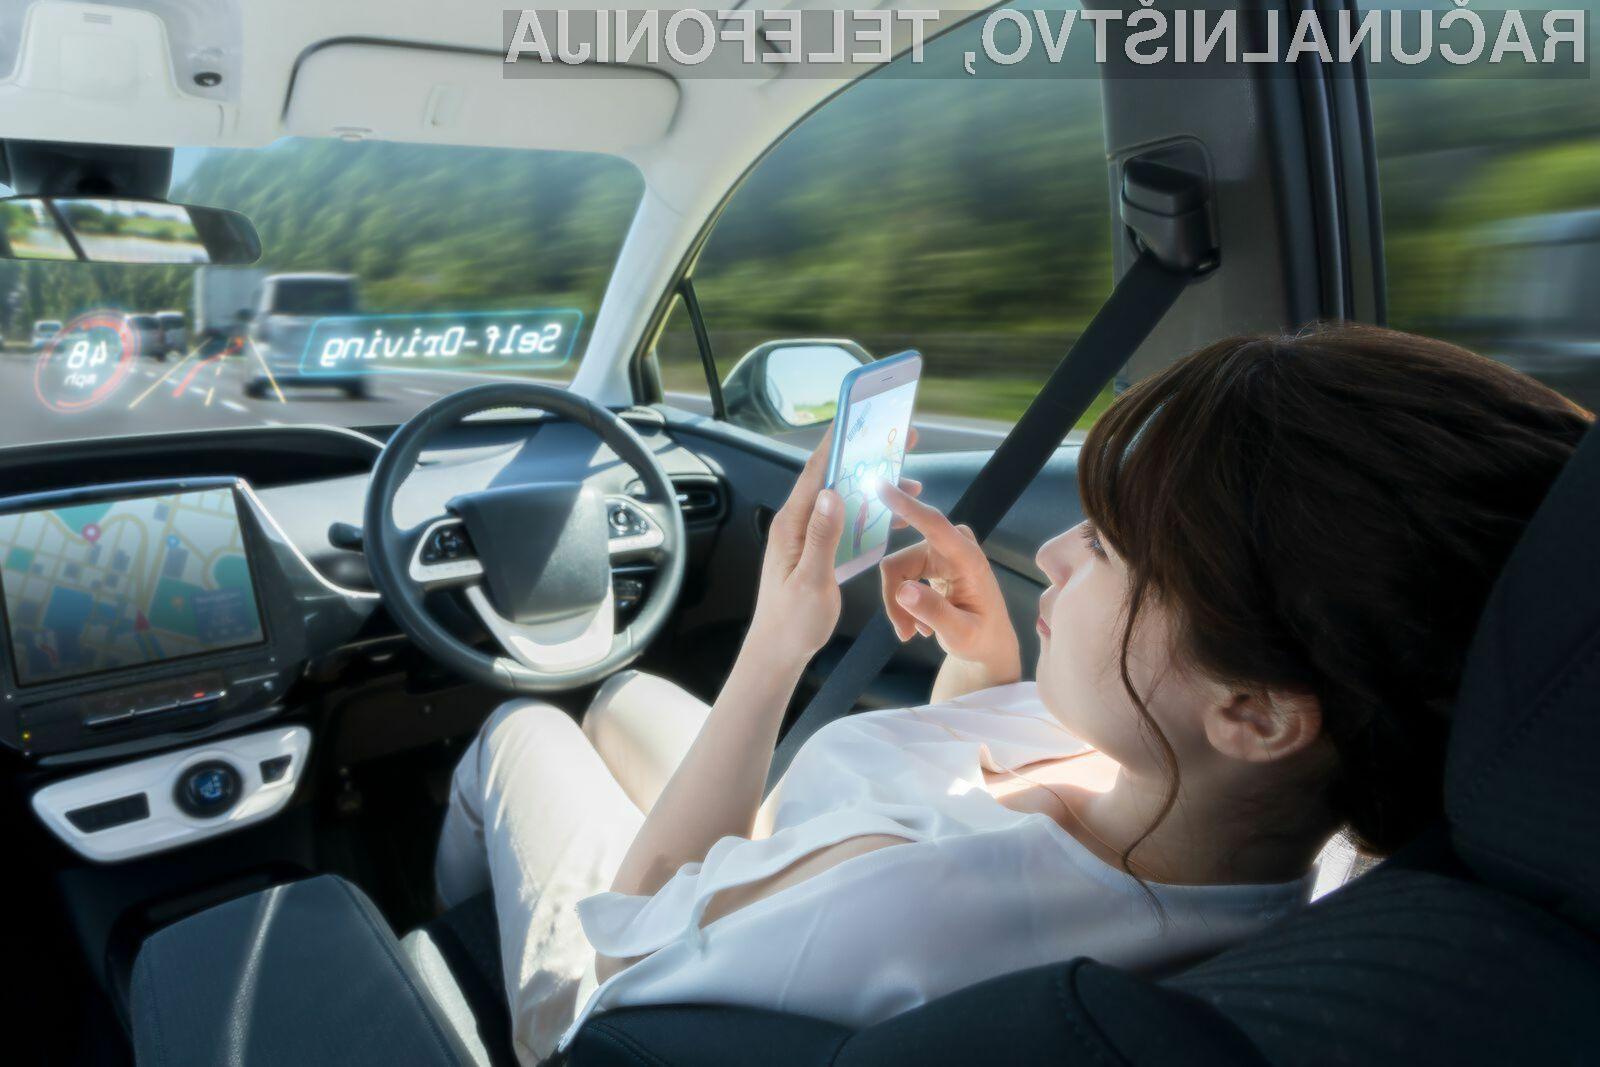 Huawei bo za razvoj samodejnih vozečih avtomobilov uporabil prednosti mobilne tehnologije 5G.